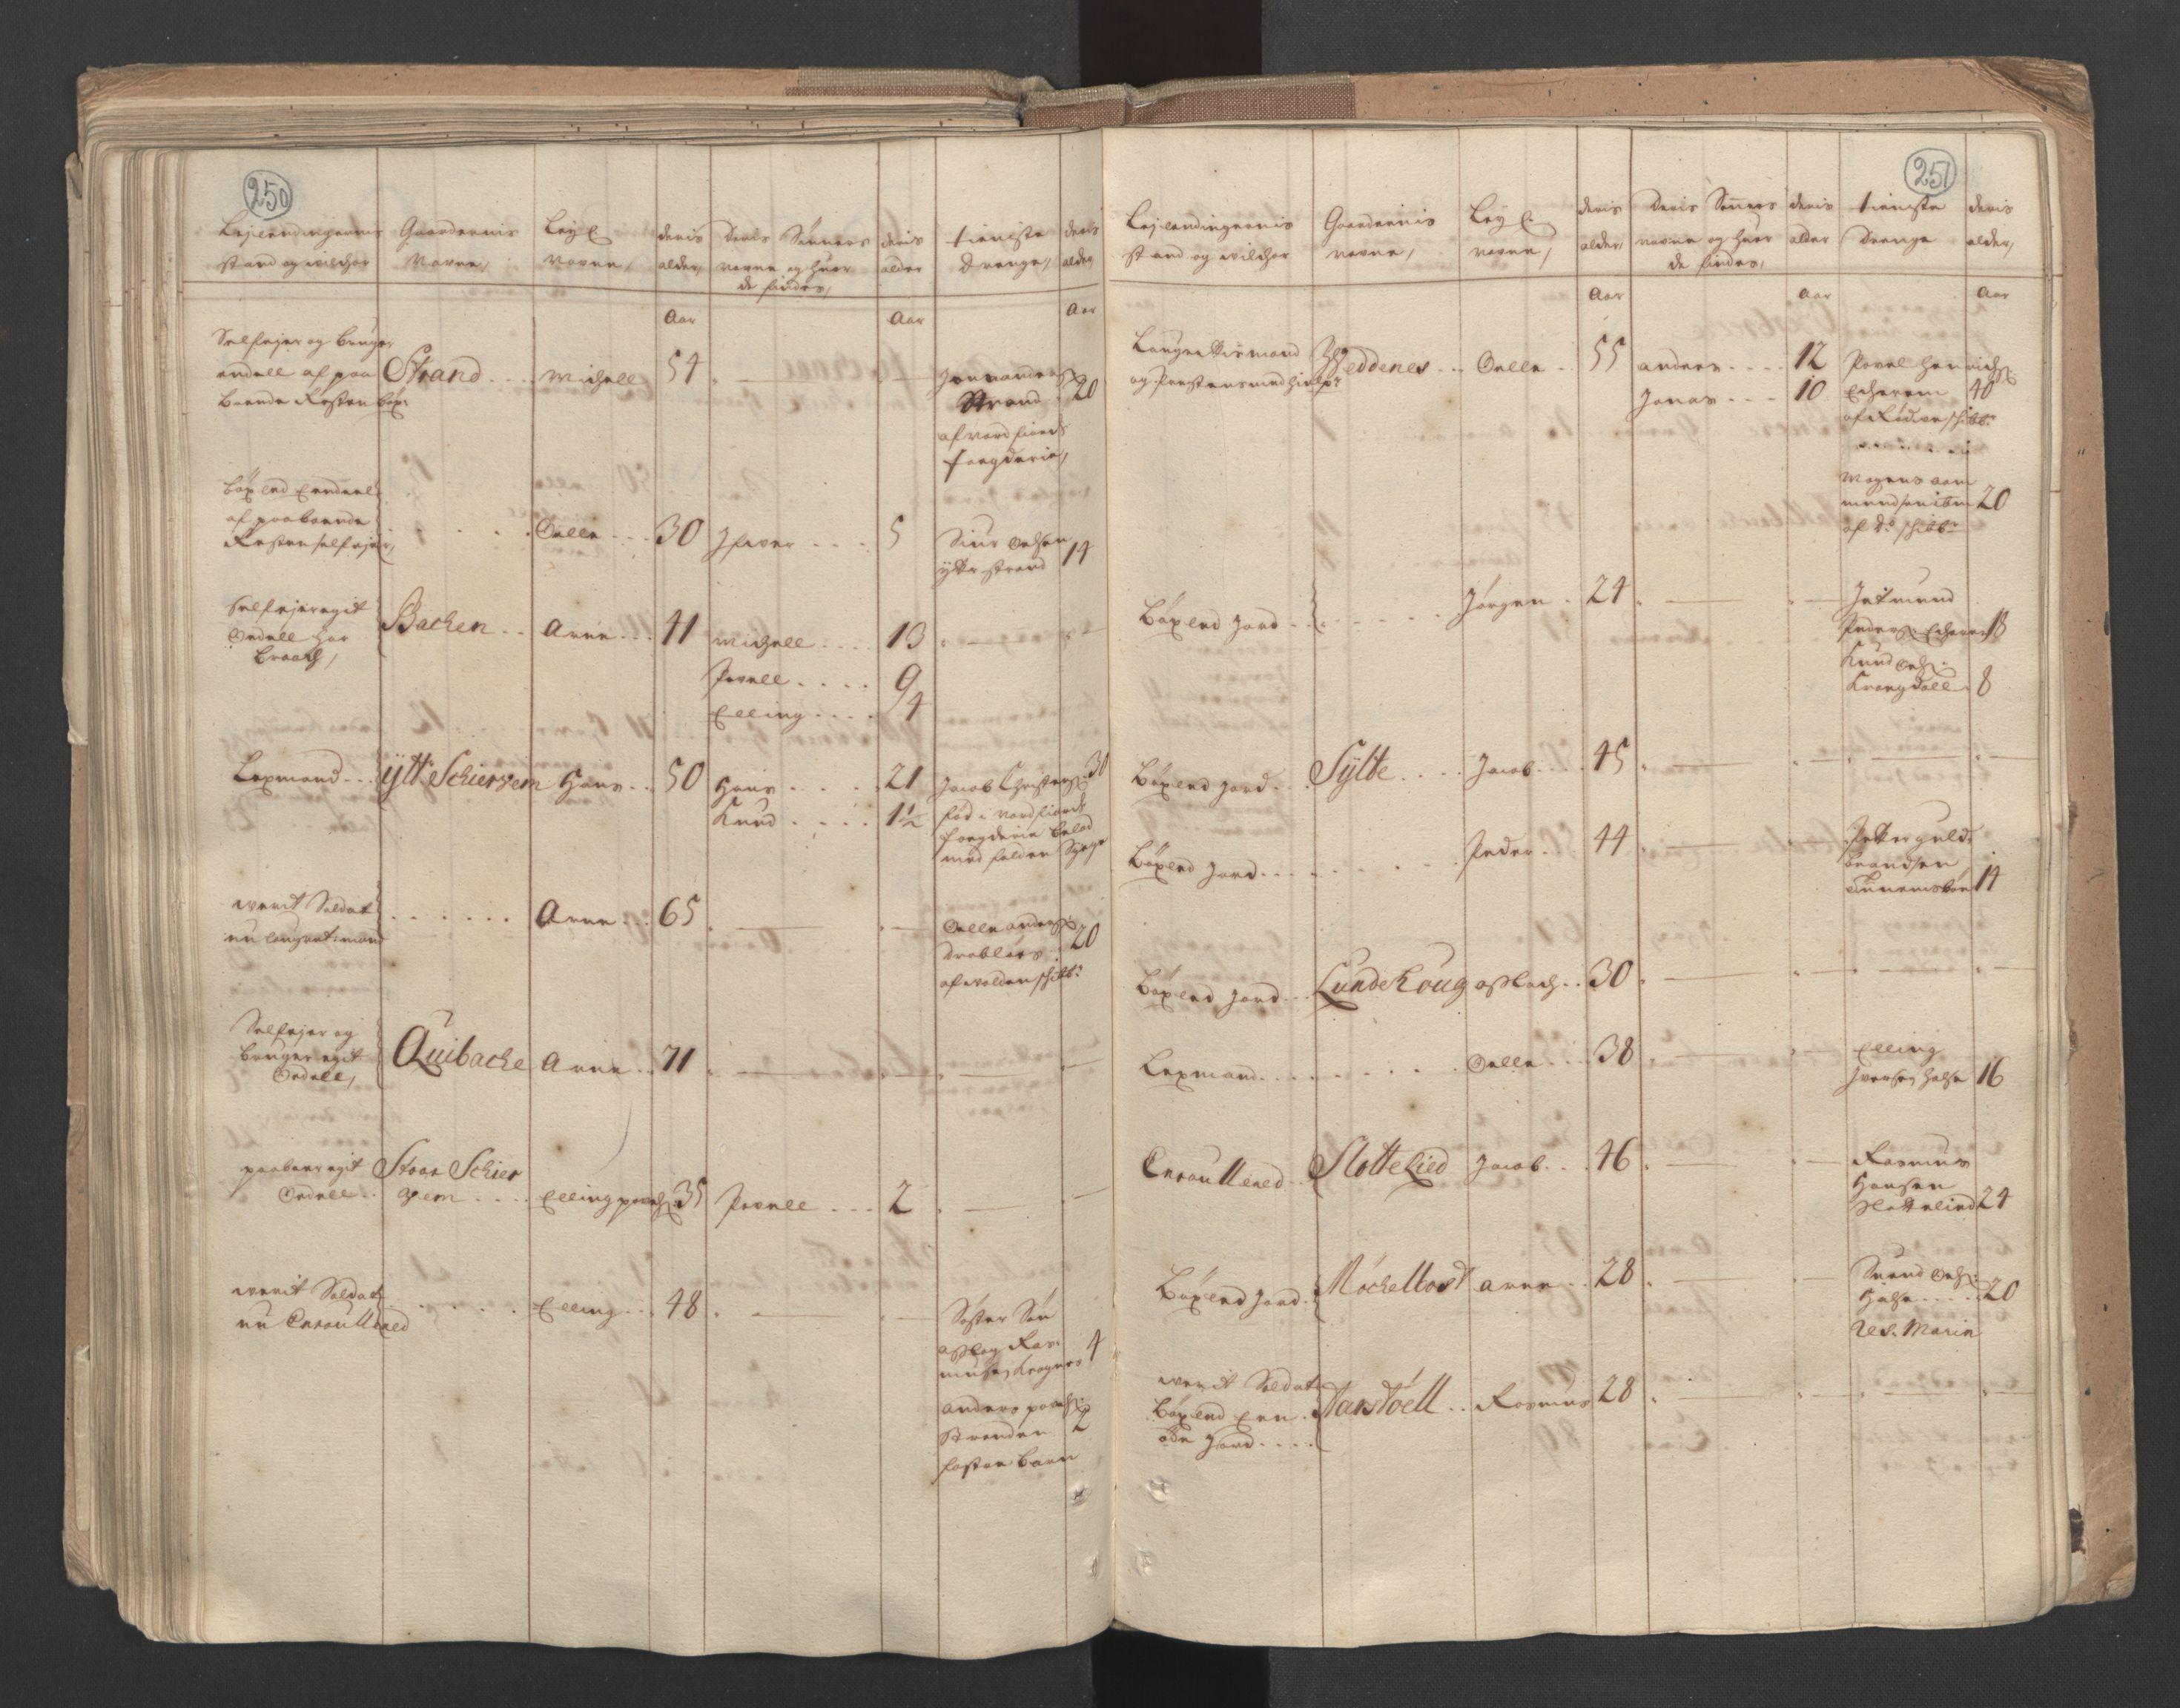 RA, Manntallet 1701, nr. 10: Sunnmøre fogderi, 1701, s. 250-251